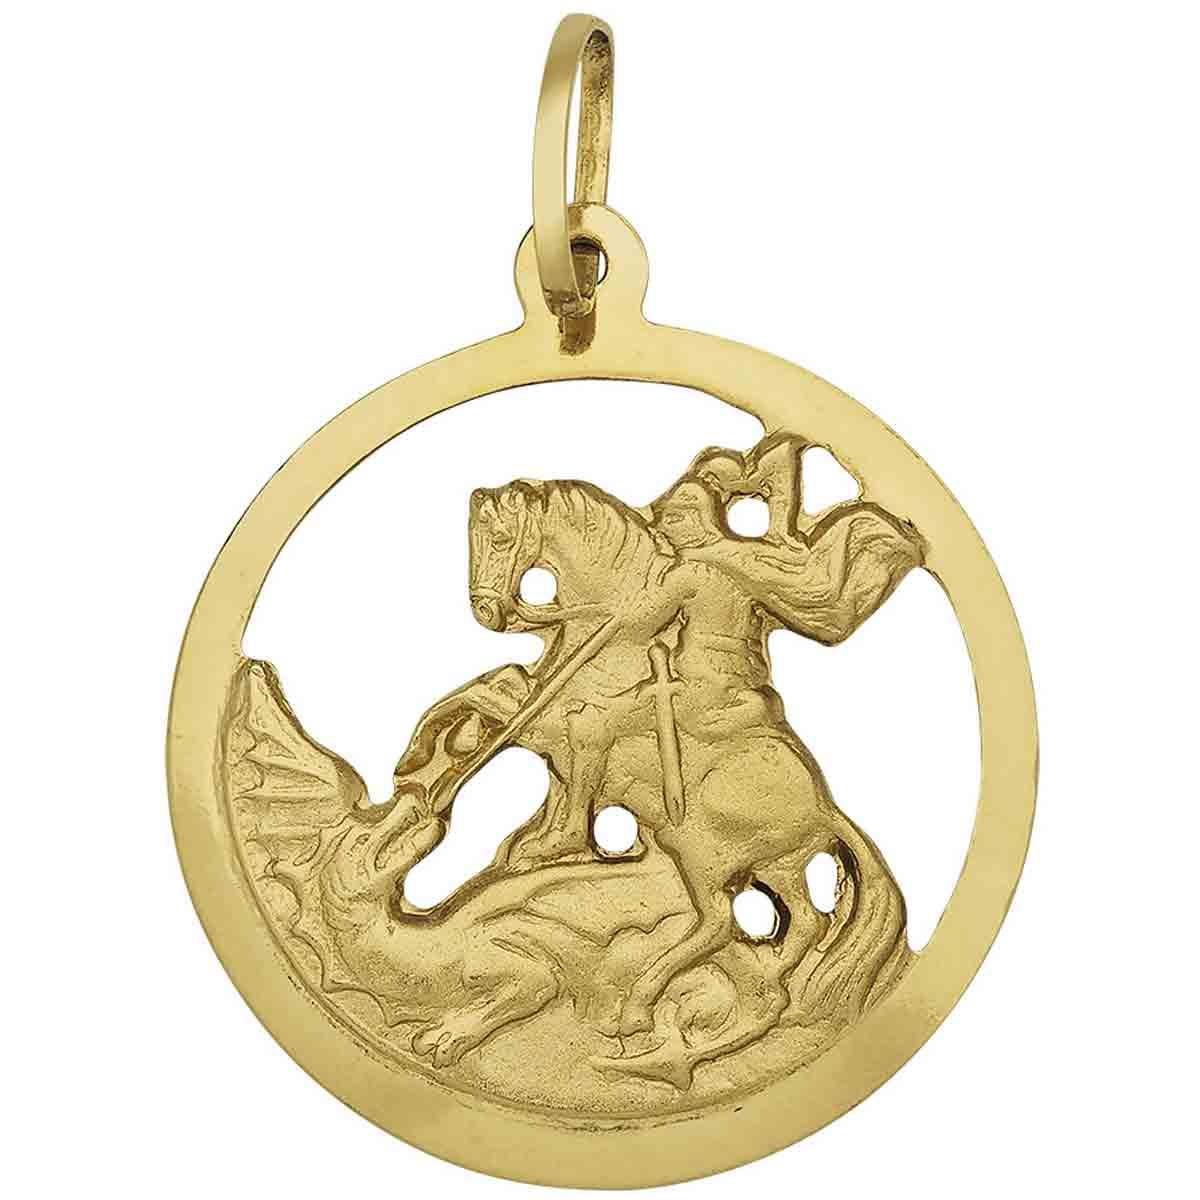 Início · Pingentes  Pingente São Jorge ouro 18 k - REF  25900 9e1e20de46